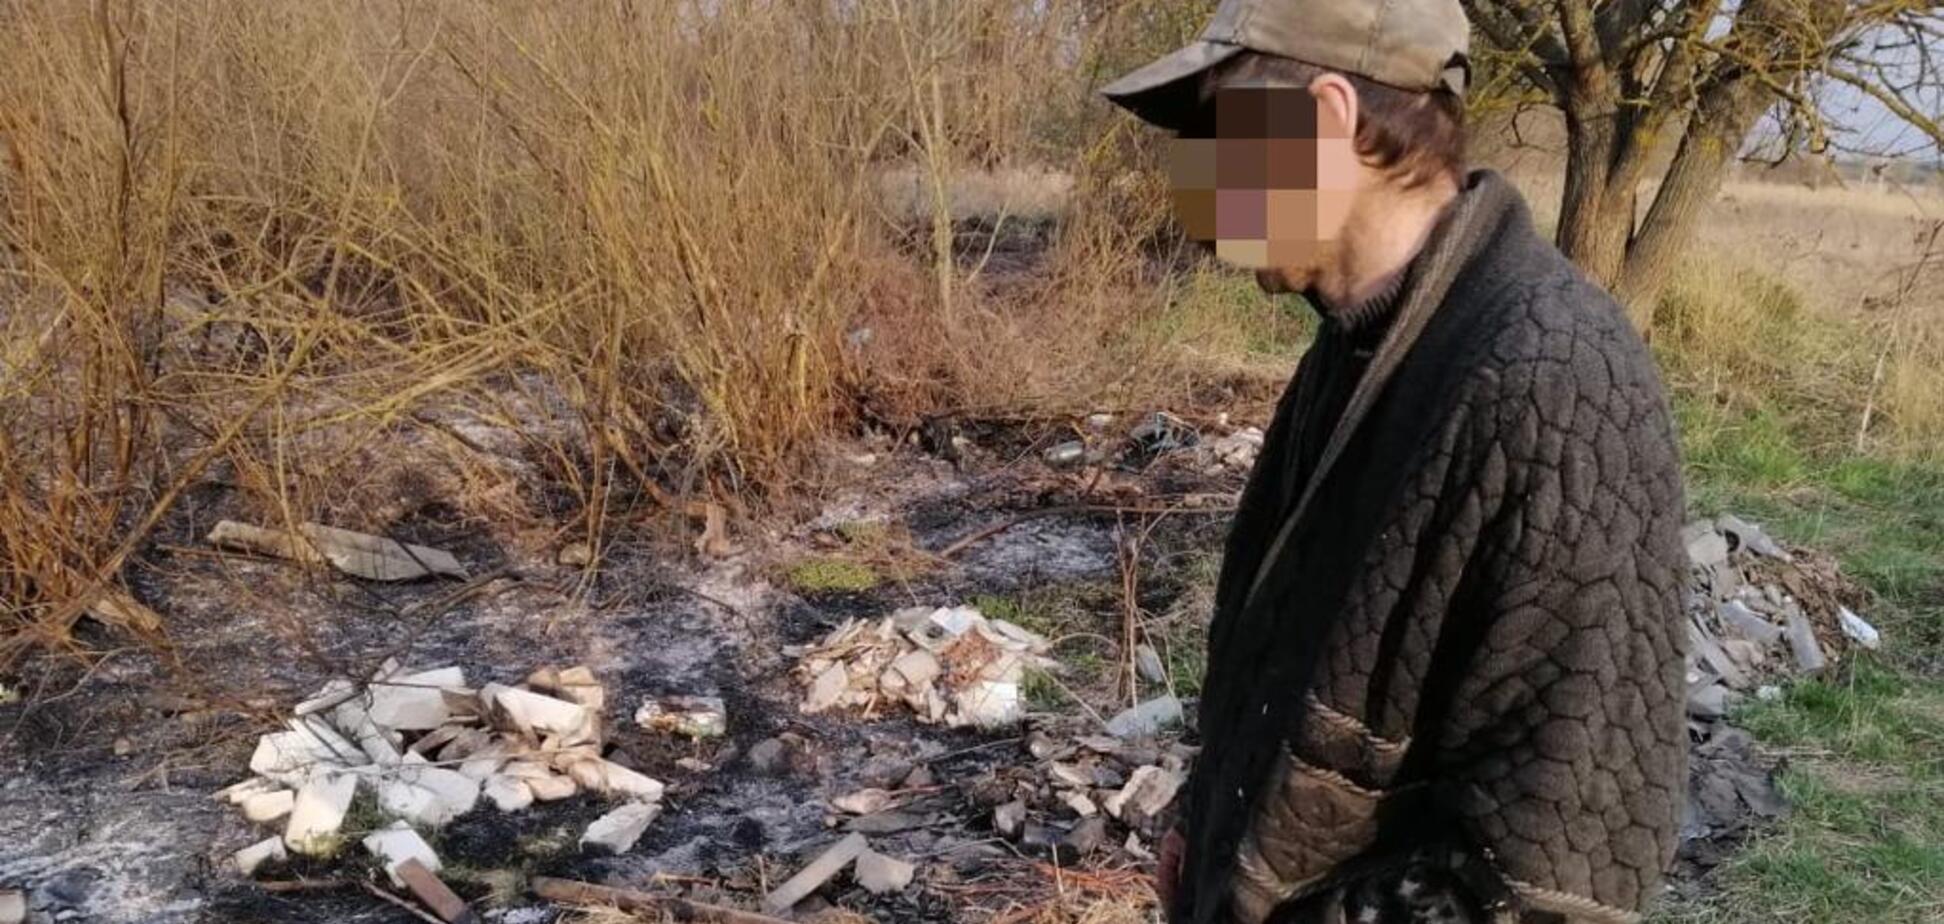 Поліція затримала підпалювача Чорнобильскої зони